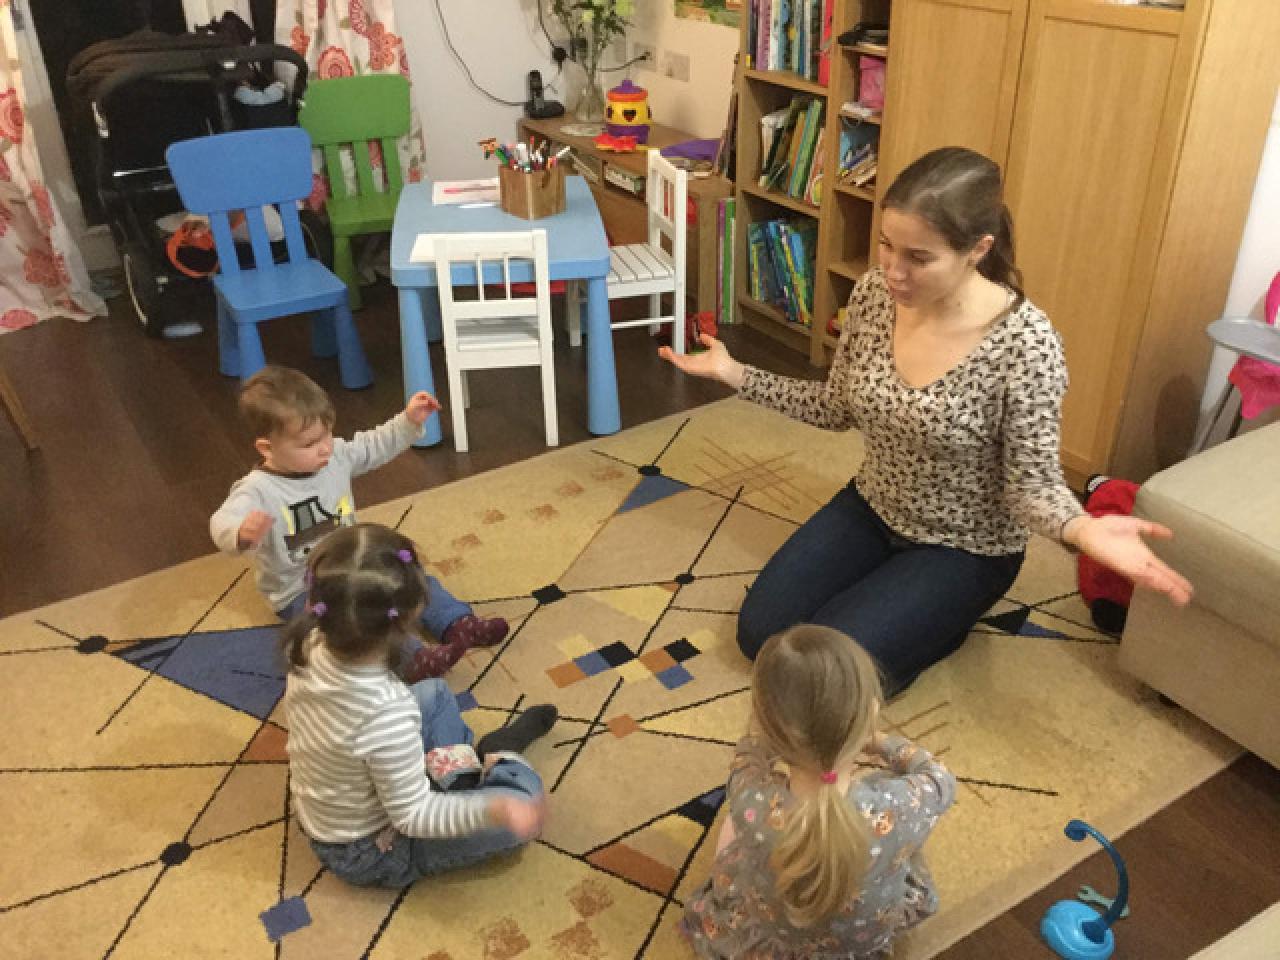 новый лингвистический домашний мини детский сад в Milton Keynes - 6